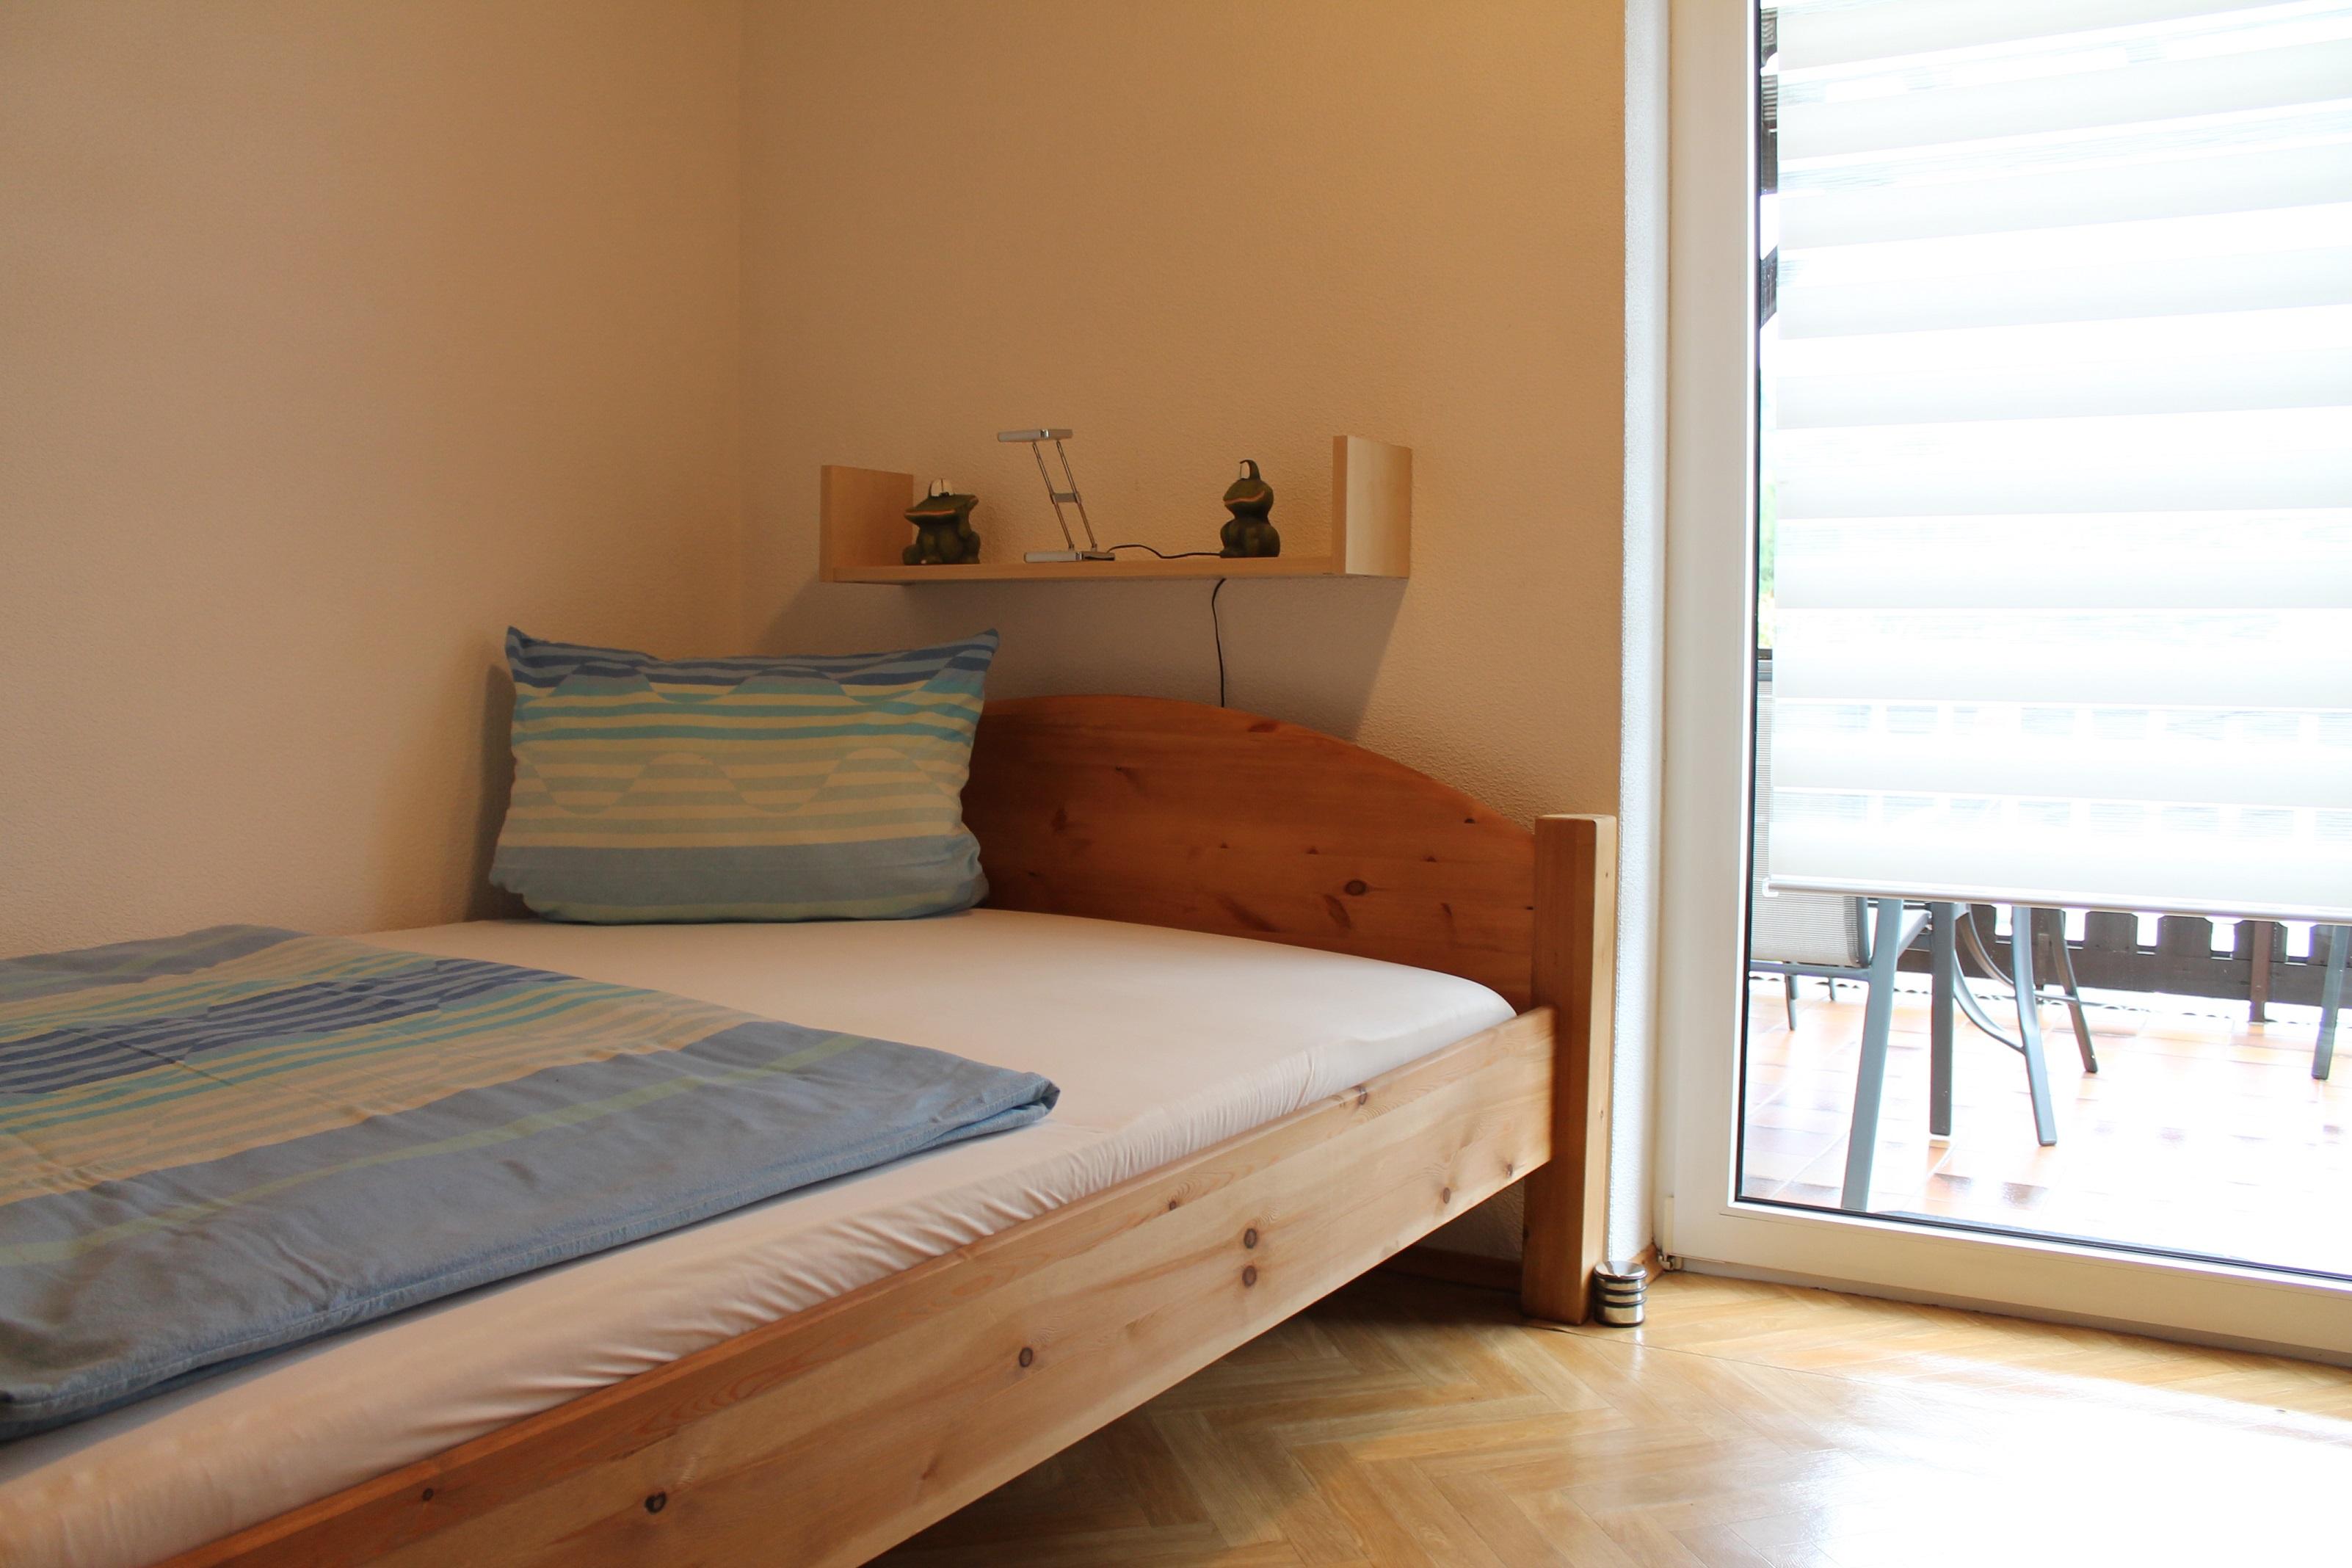 Ferienwohnung esthal bilder - Panoramabild schlafzimmer ...